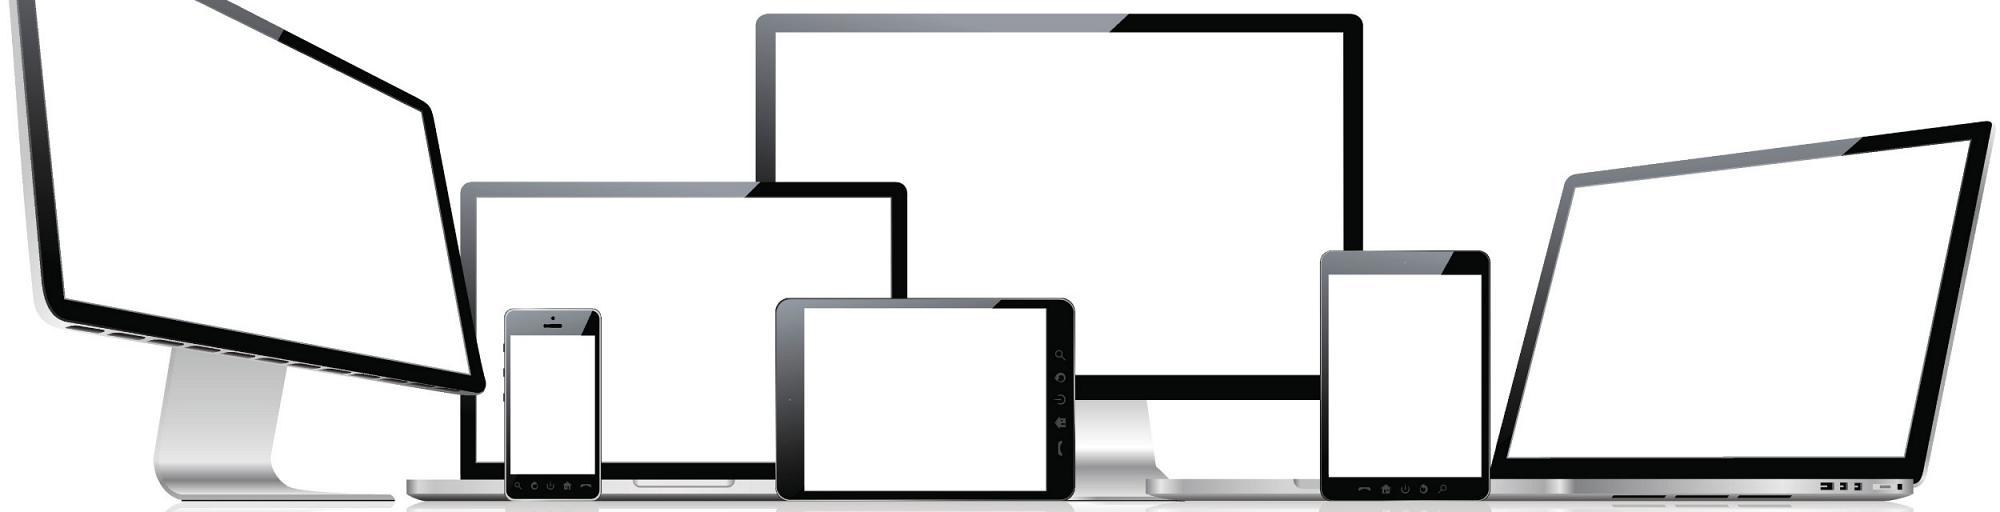 Monitore & Displays leihen